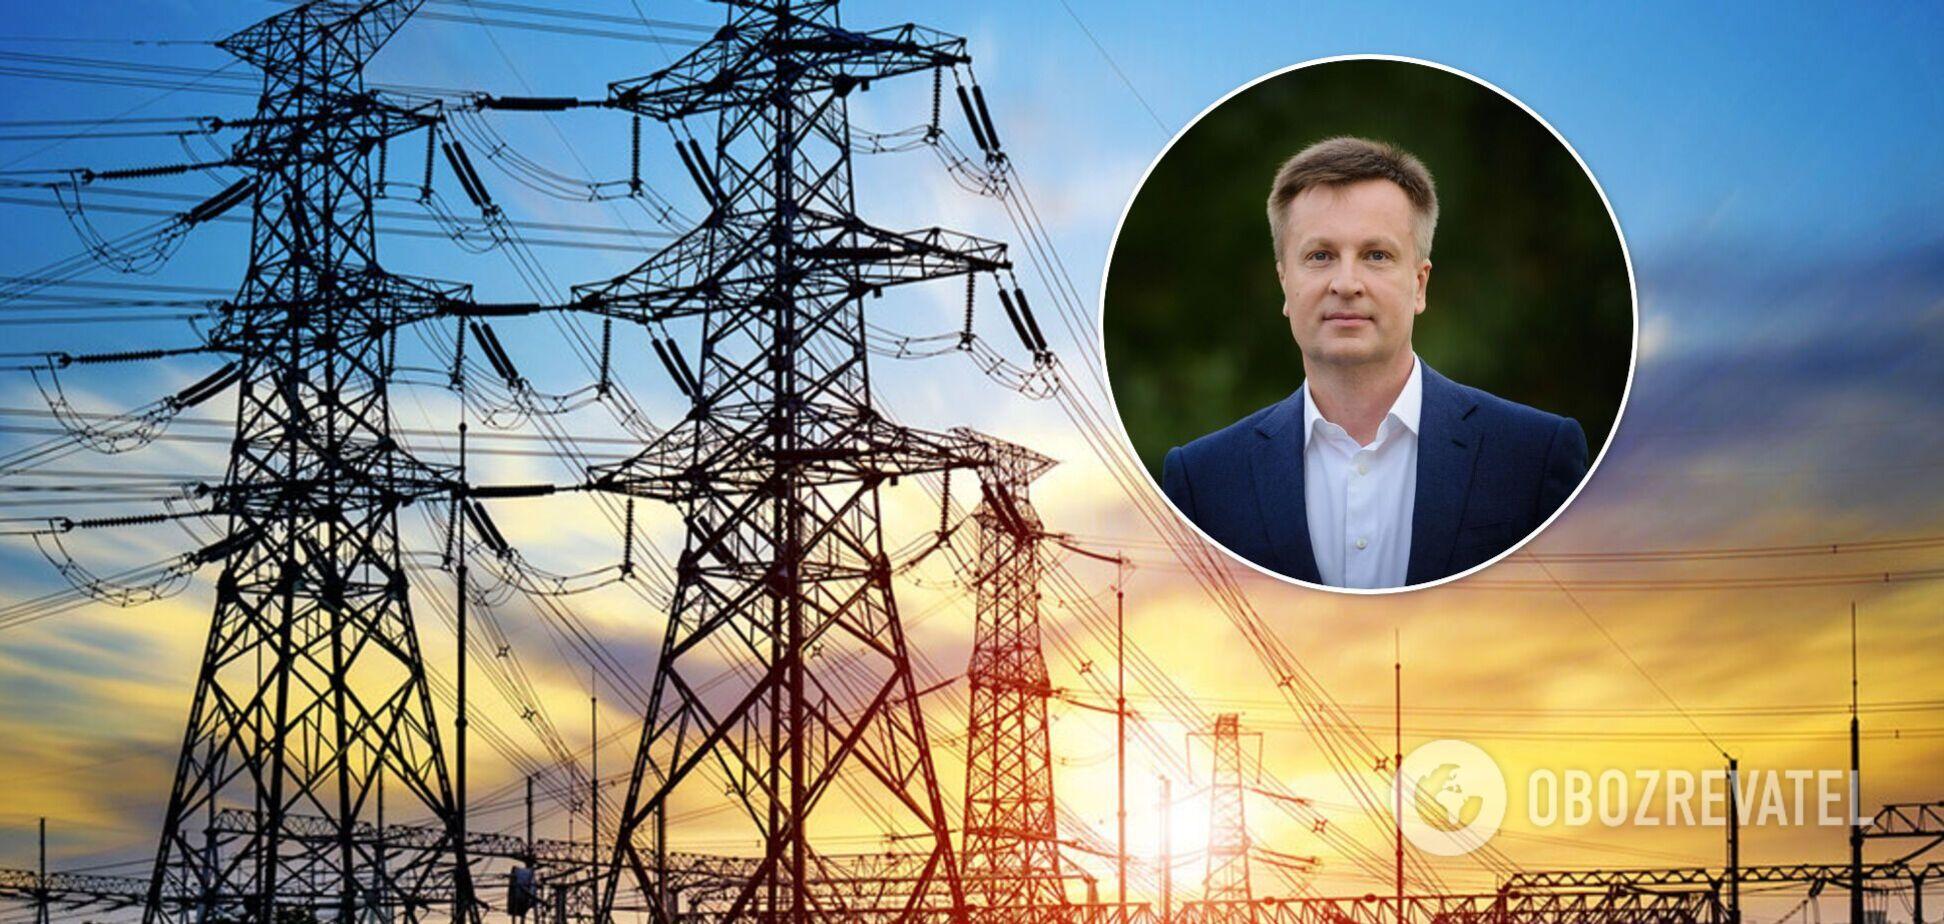 НКРЕКП повинна припинити лобіювати російську електроенергію і зупинити імпорт з Росії й Білорусі, – нардеп